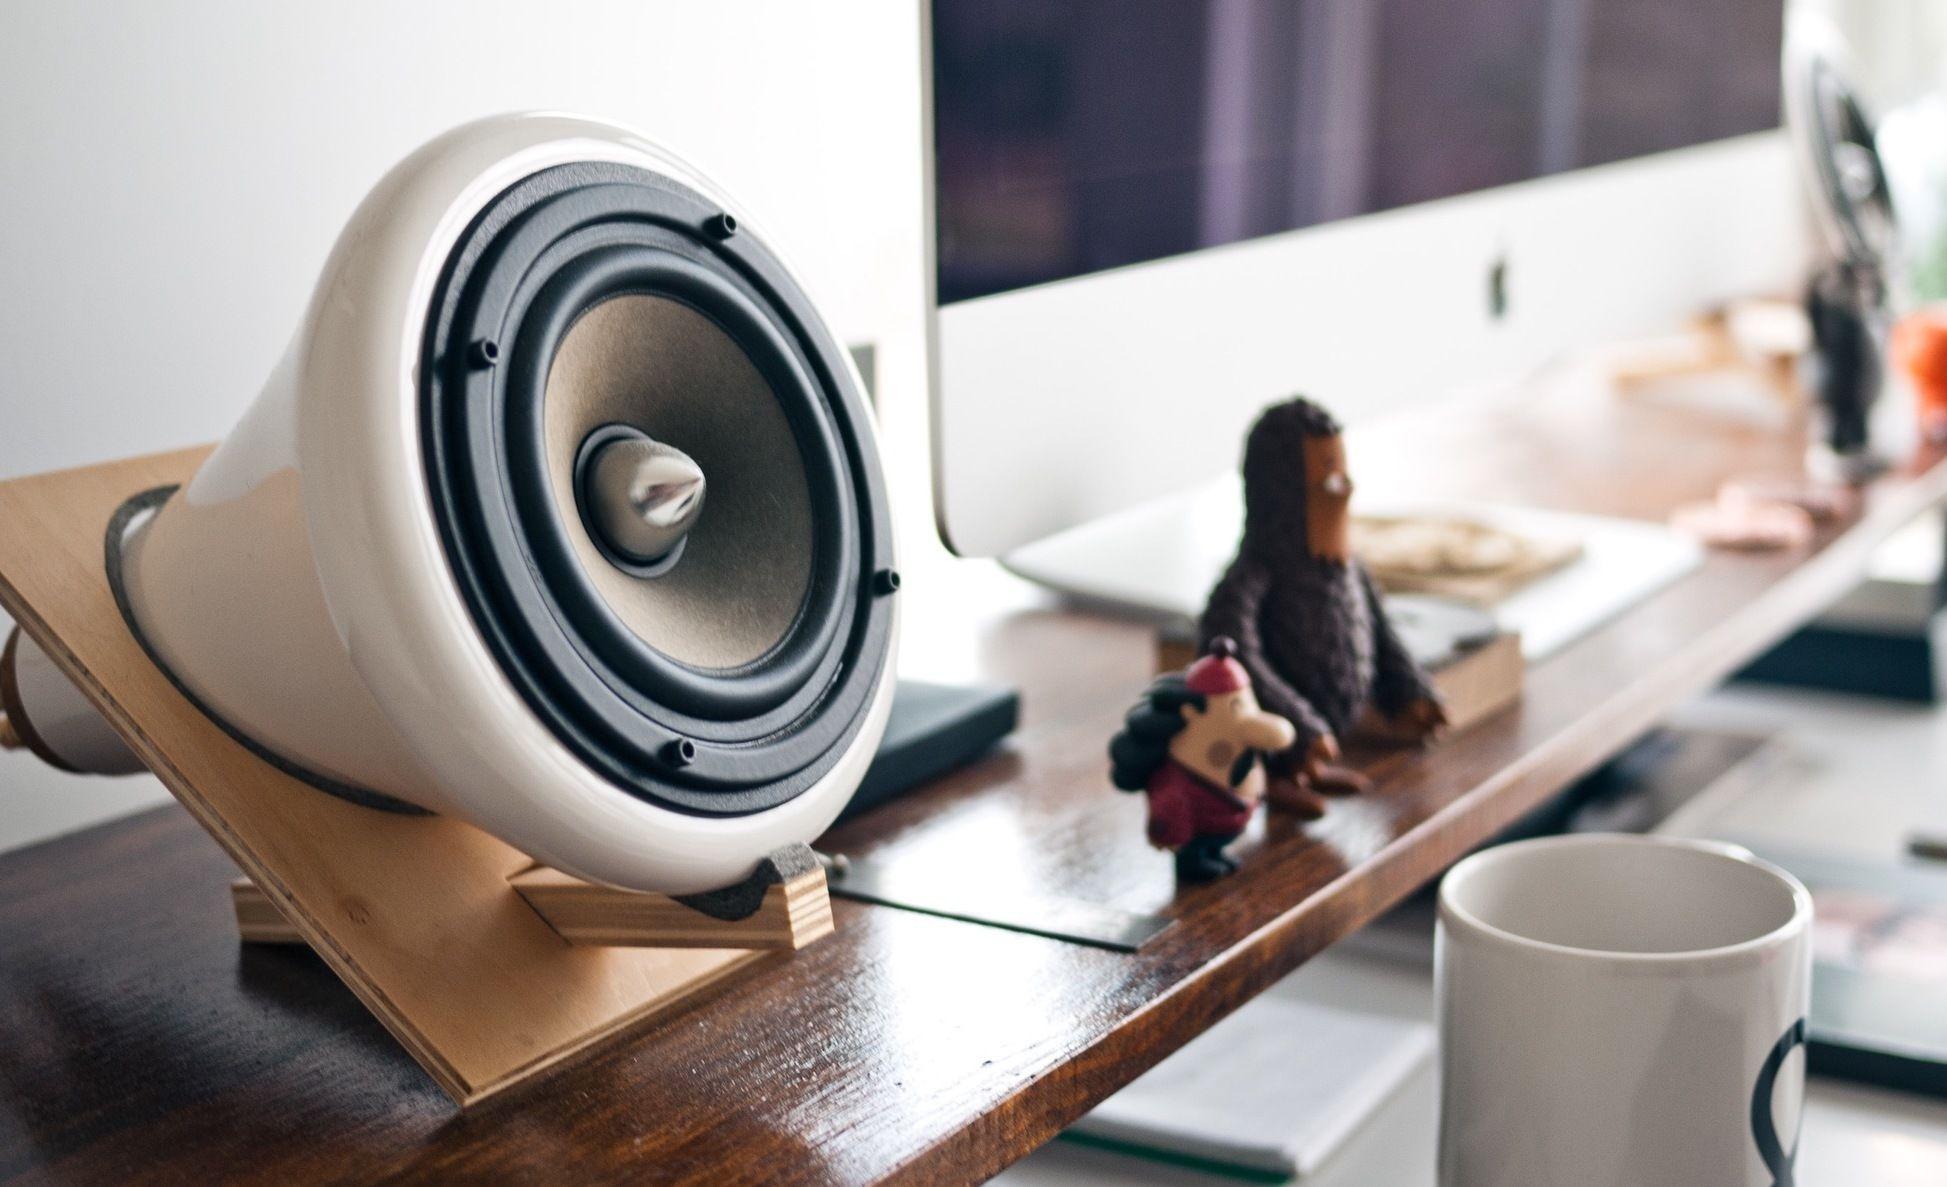 科技巨头想让音箱更智能,Sonos、Bose 们在做什么呢?